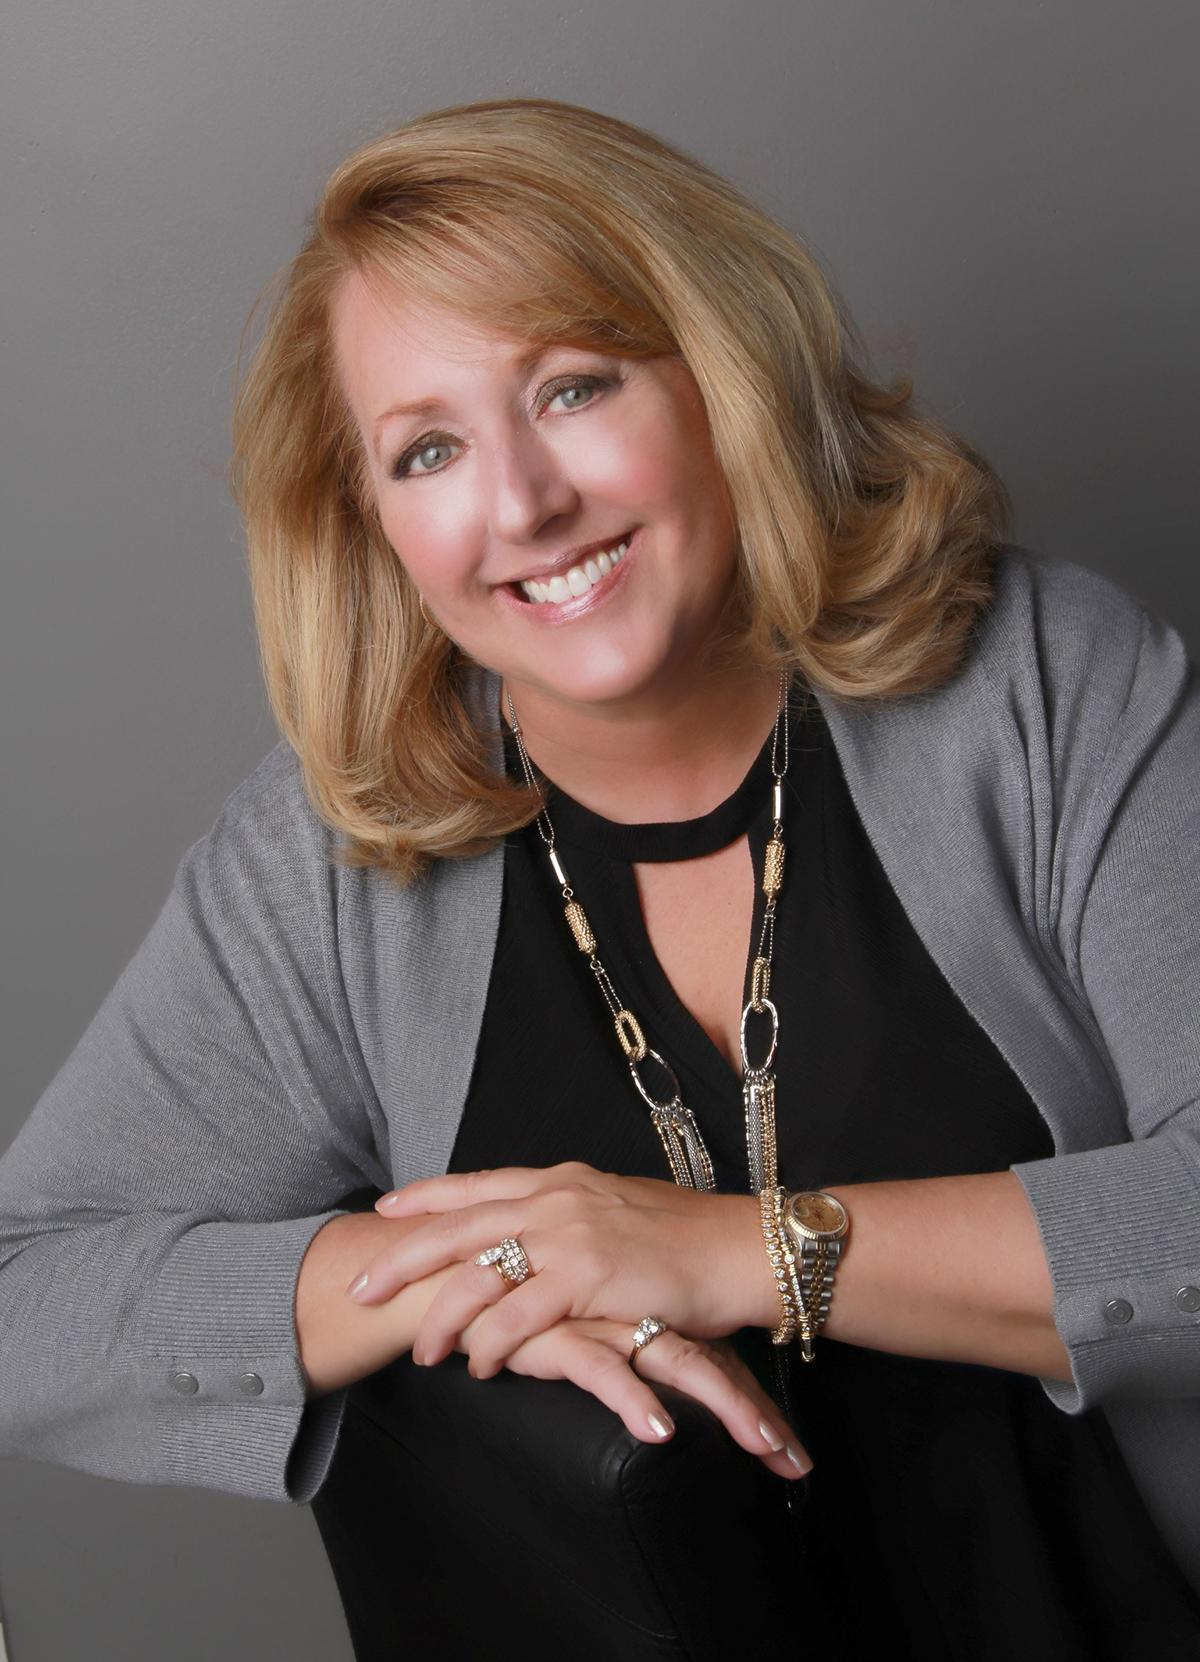 Kelly Dennis